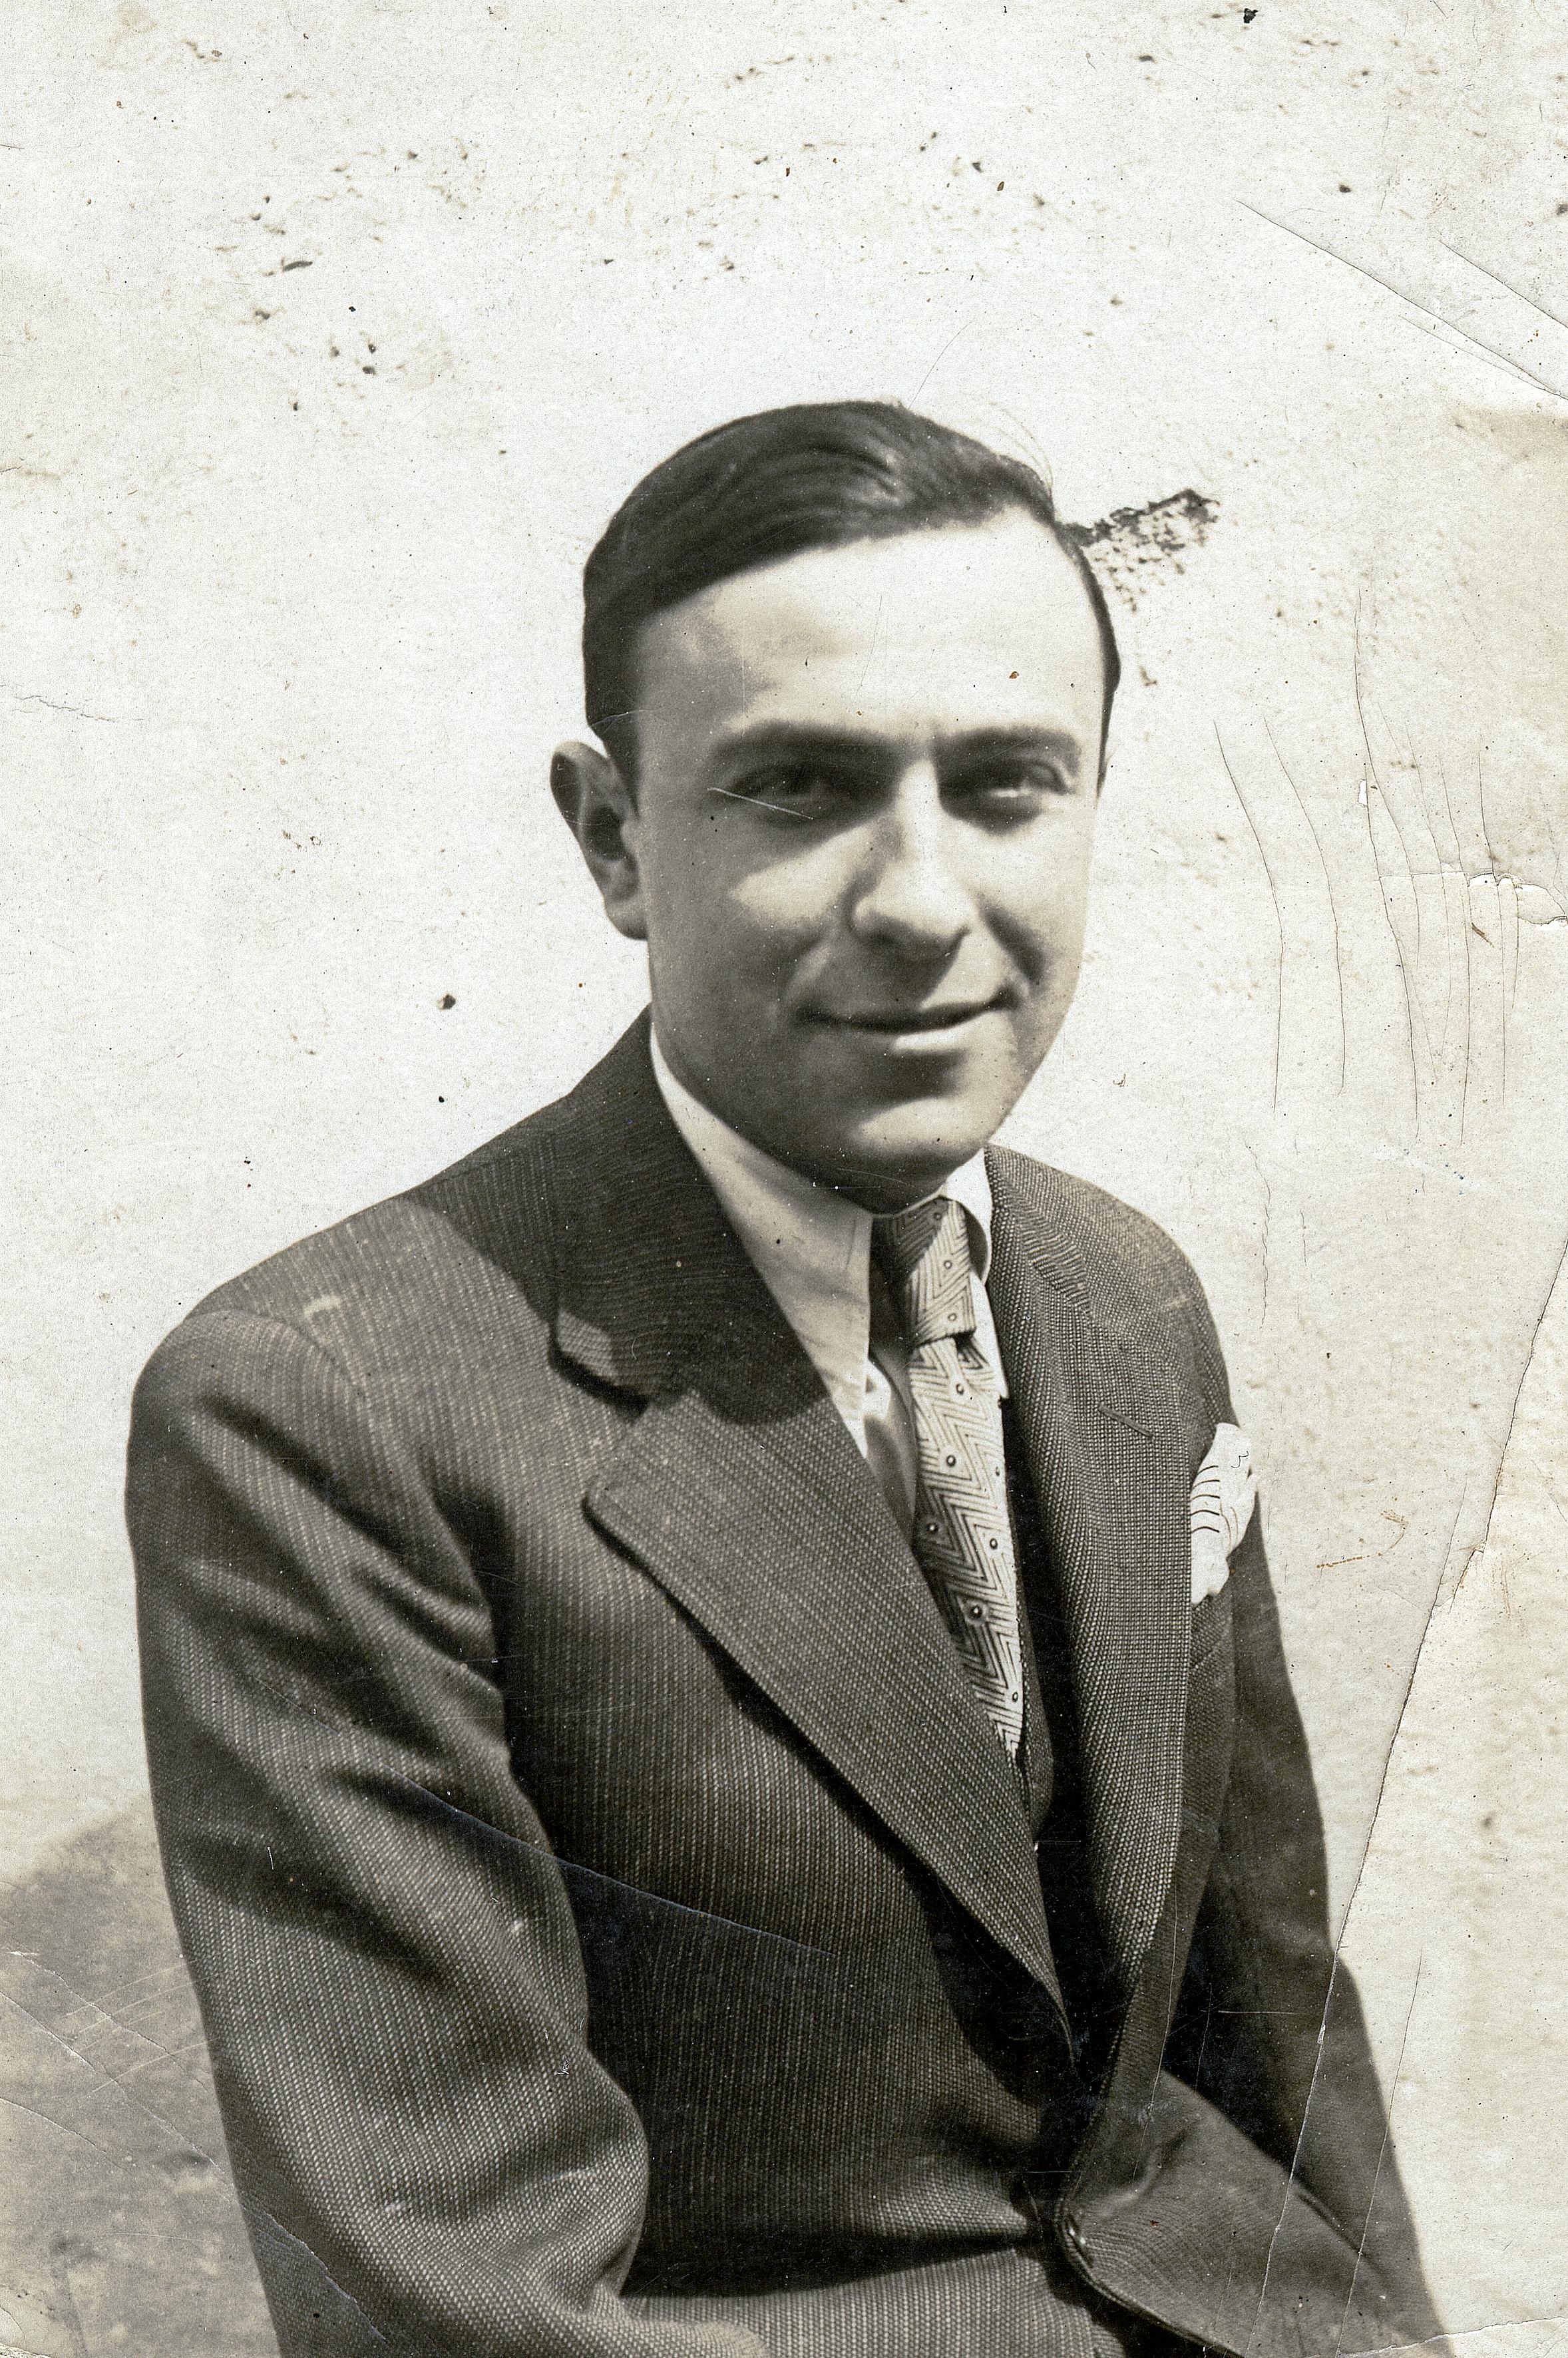 Imre Rosenberg